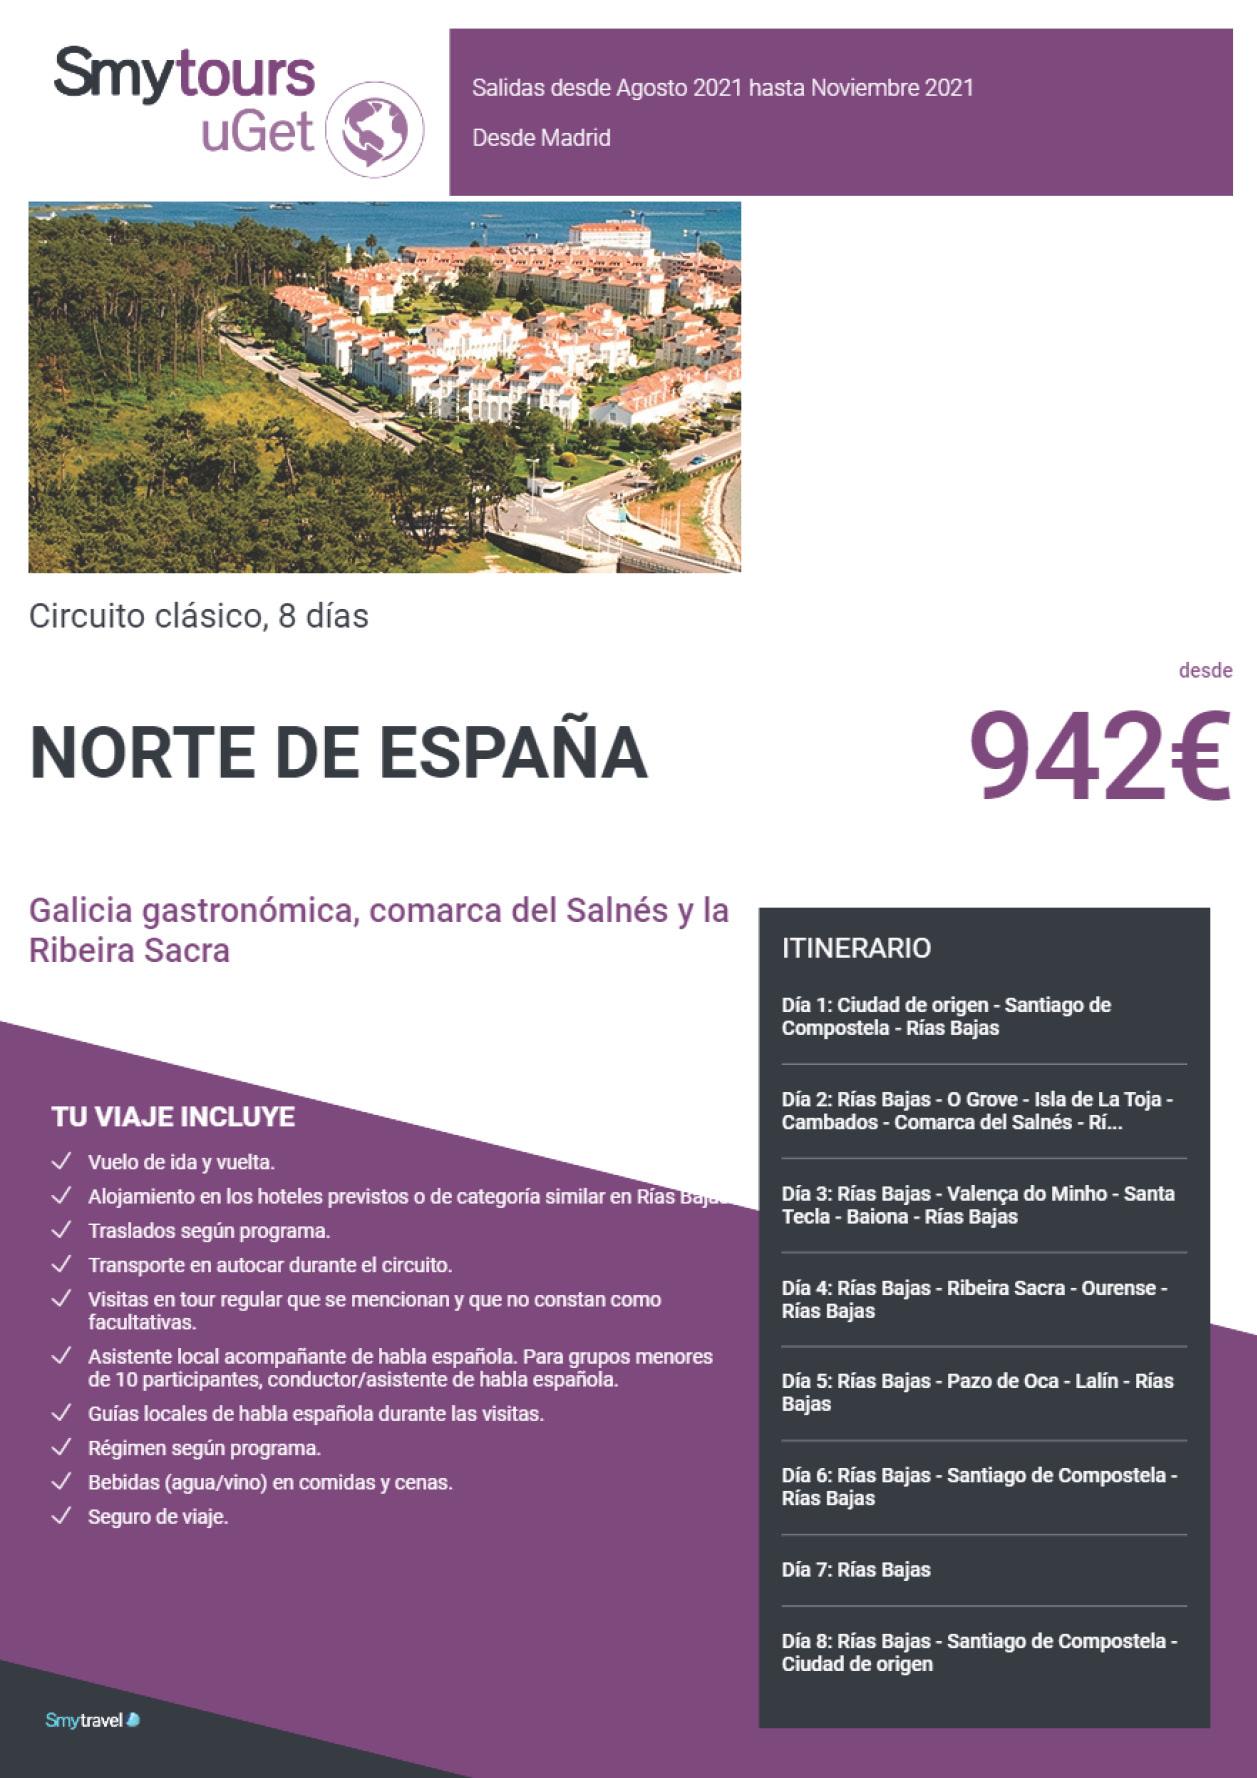 Oferta Smytravel Circuito Galicia Gastronomica Costa del Salnes y la Ribera Sacra 8 dias salidas Madrid desde 942 €